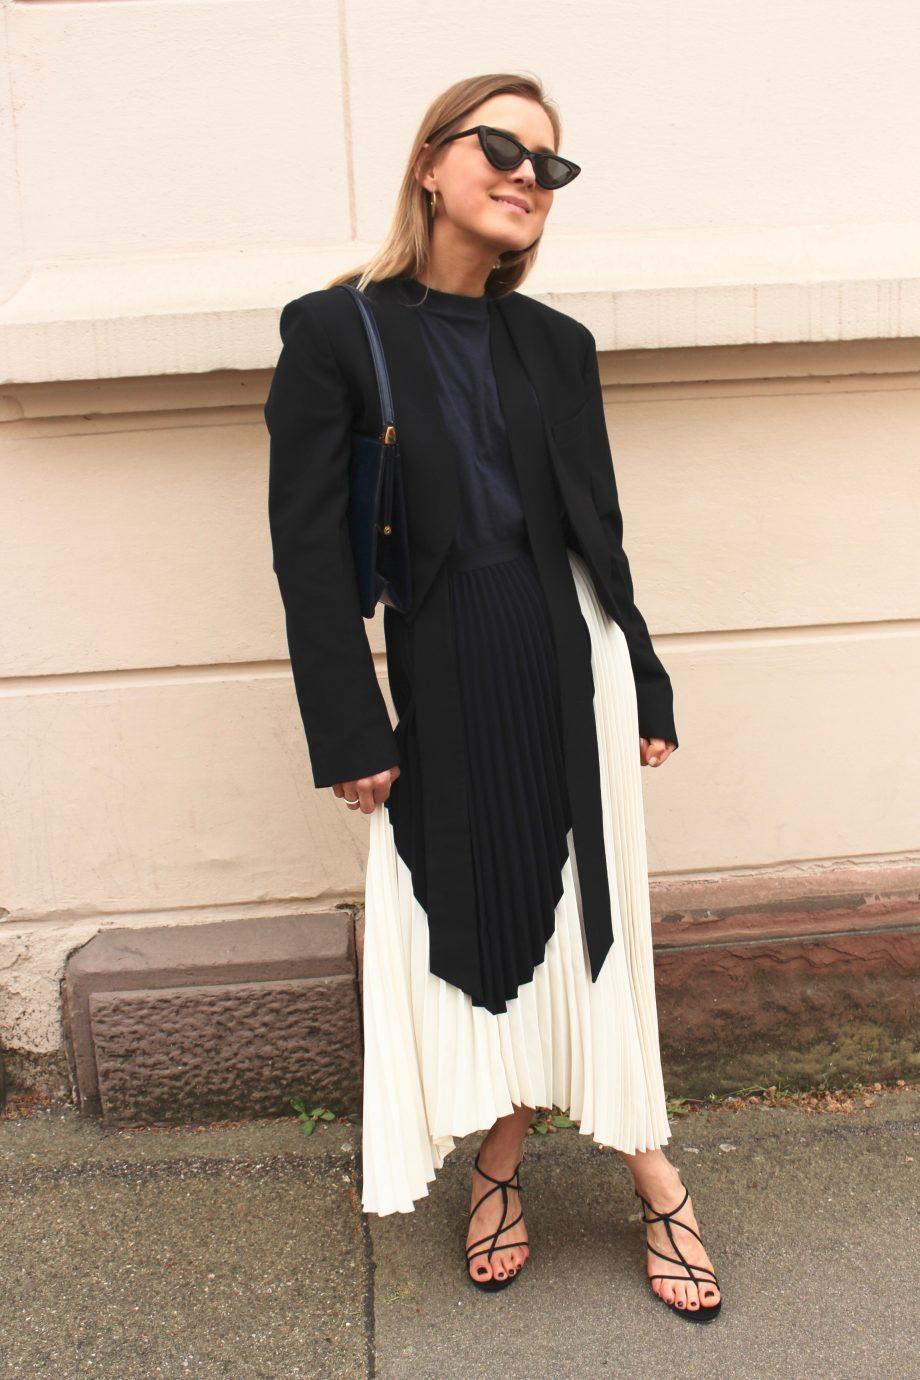 Pleated Skirt |07.05.2018